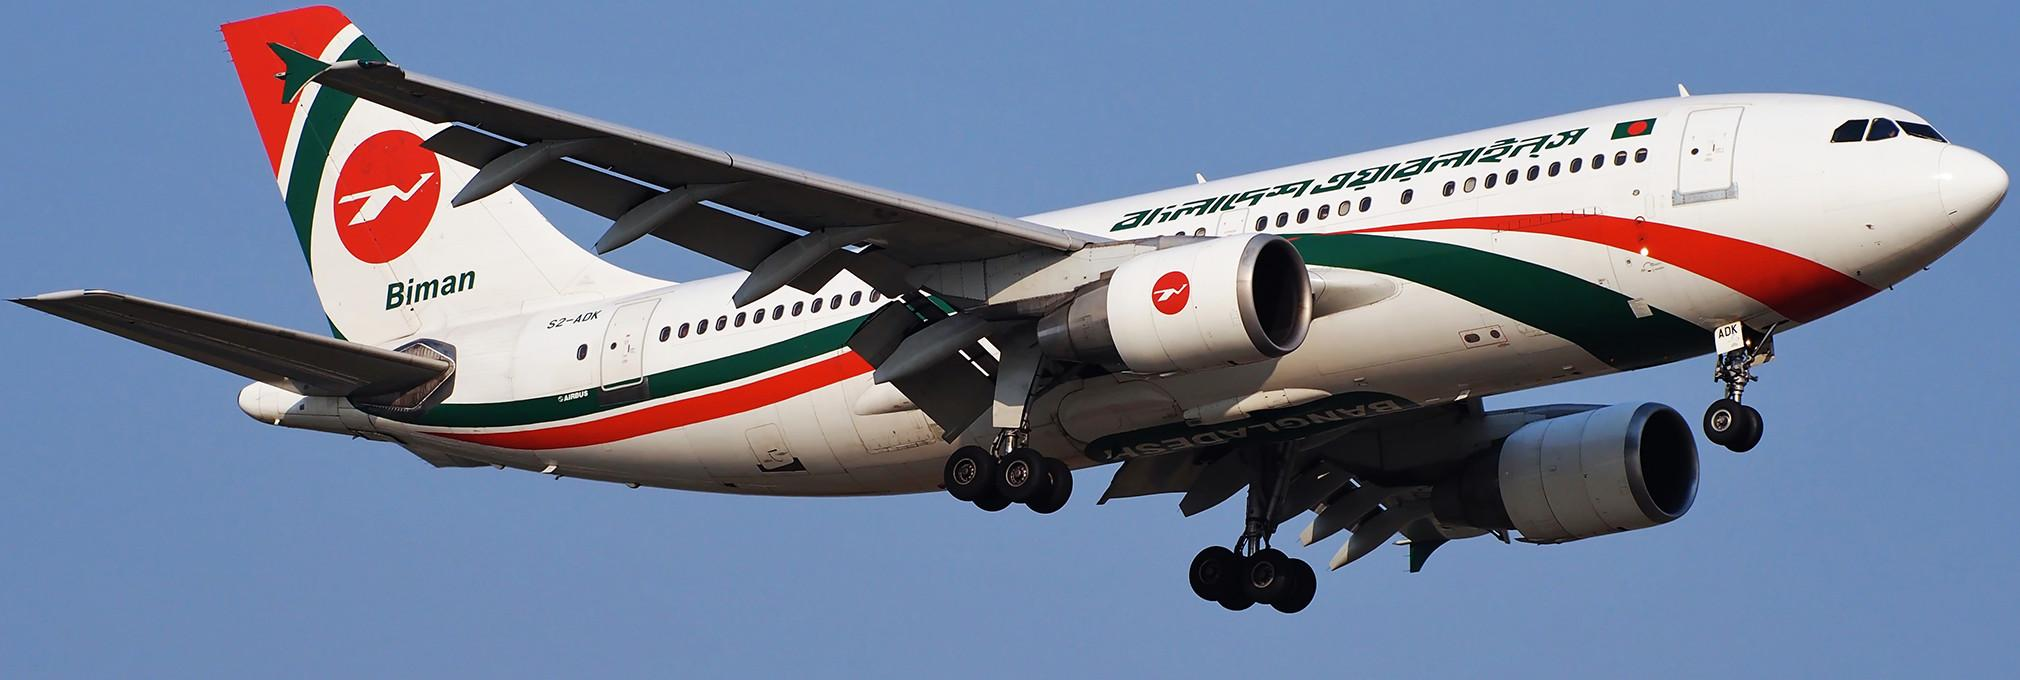 Biman Bangladesh Airlines Reviews And Flights Tripadvisor